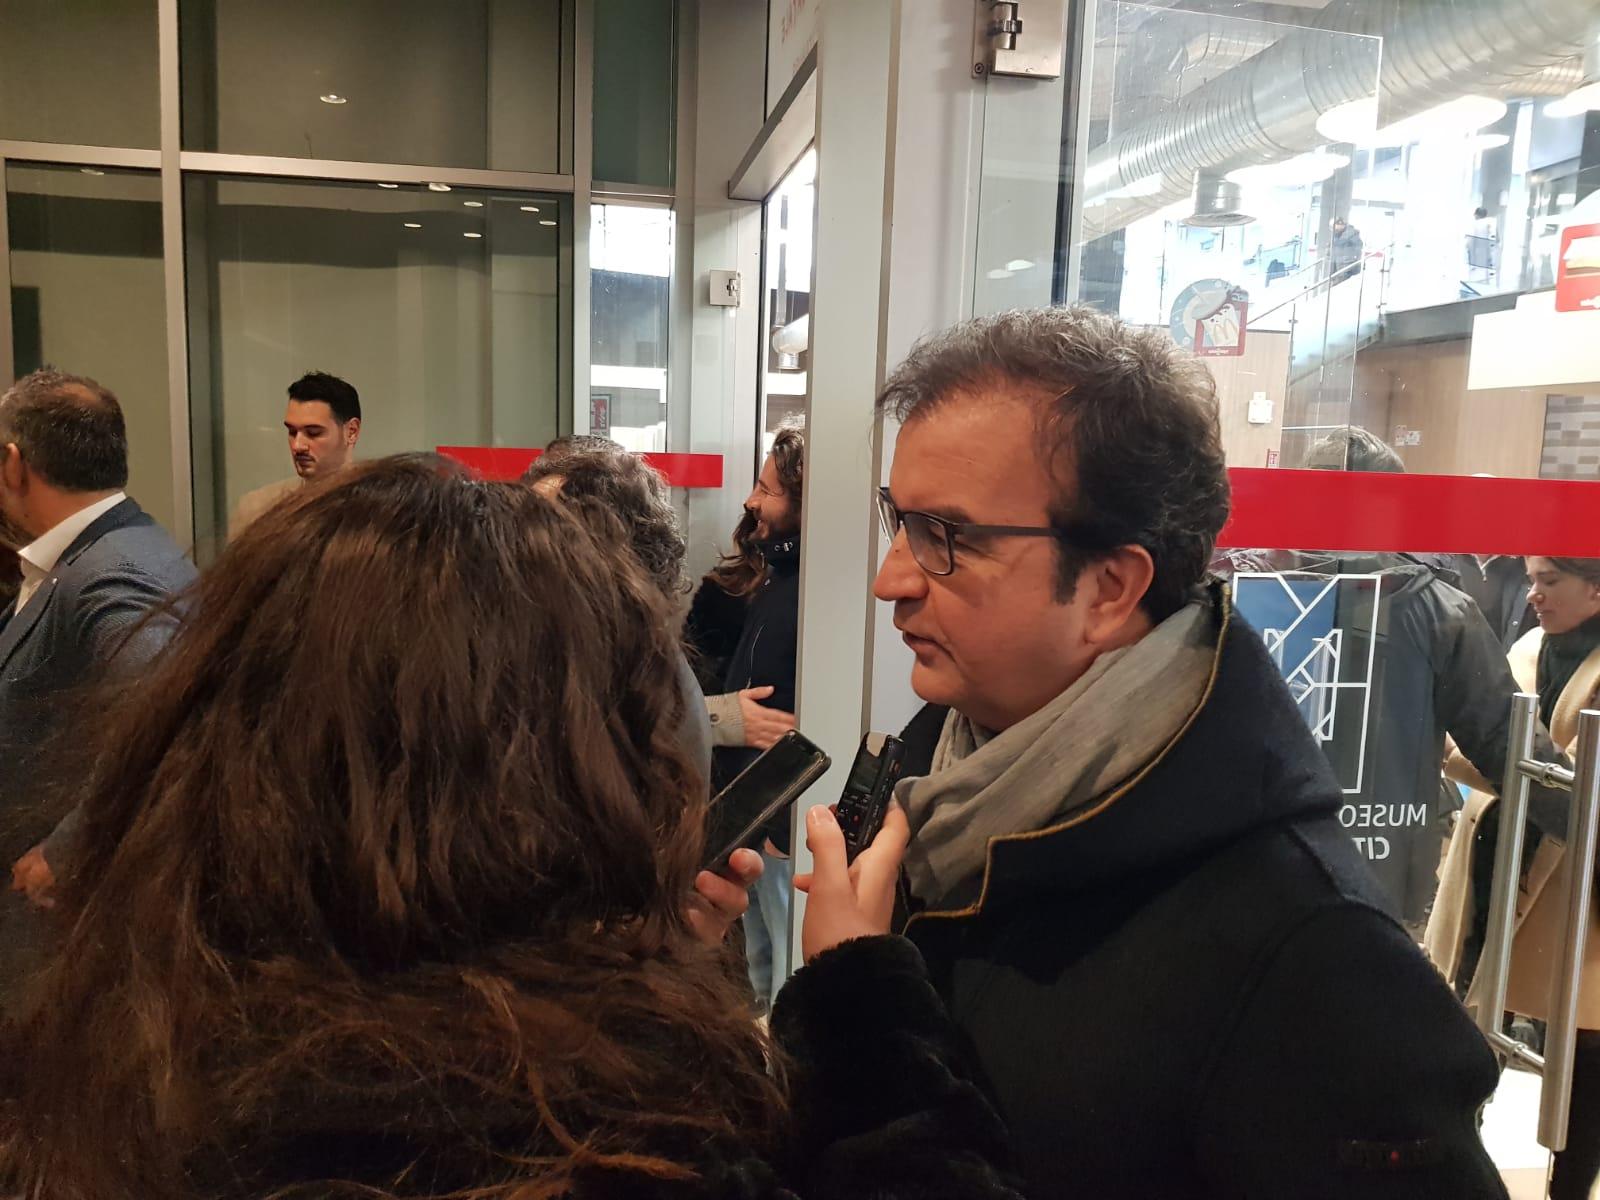 FOTO – Il sindaco Mario Occhiuto inaugura l'opera la Magia del Natale a Cosenza